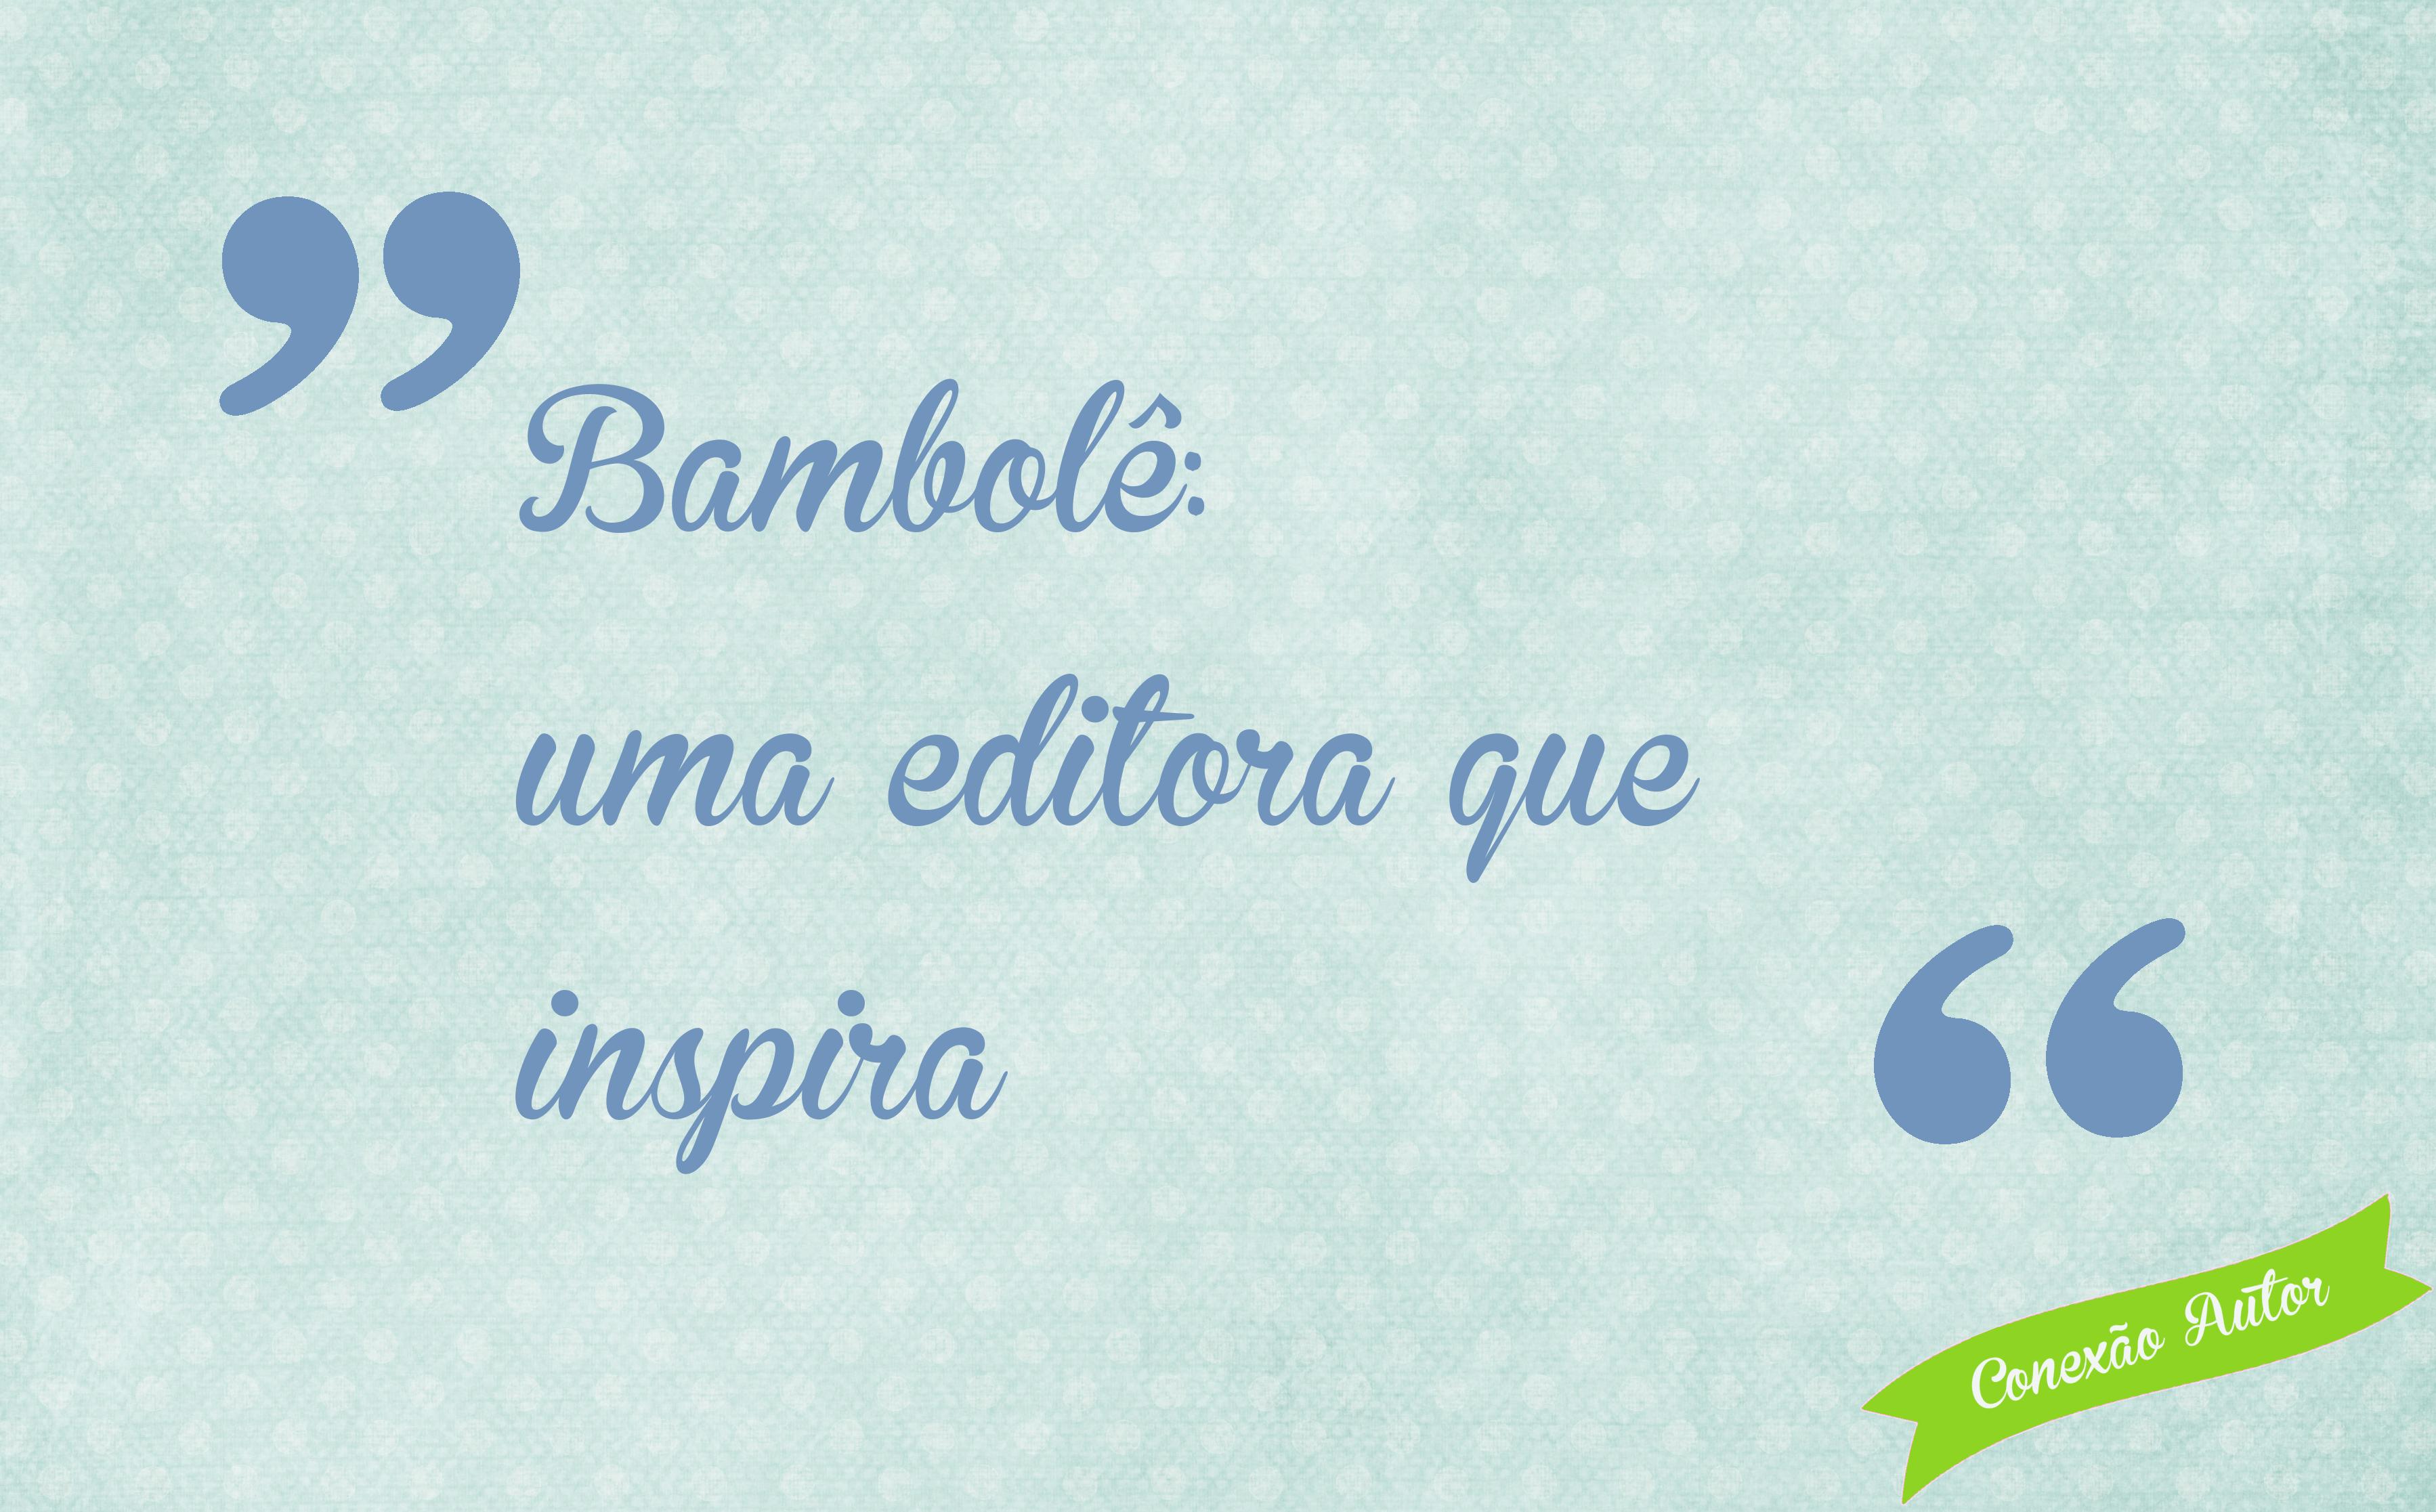 Bambolê: uma editora que inspira